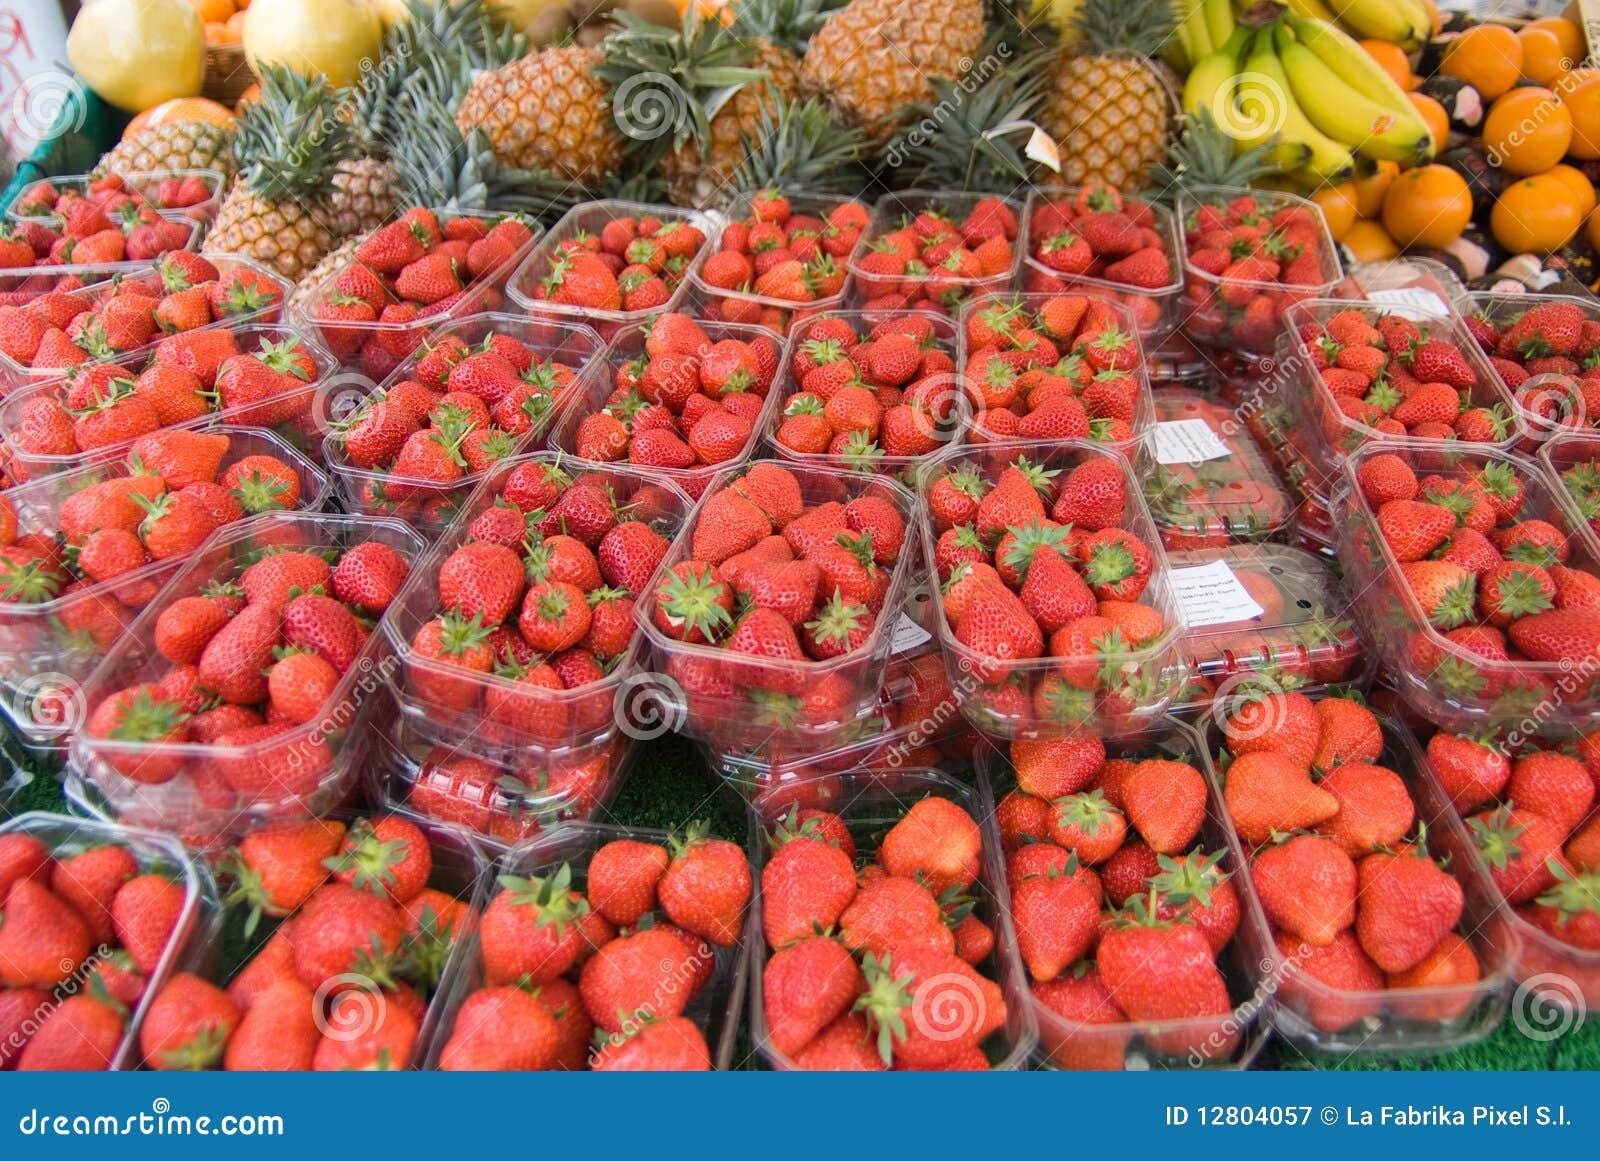 Tenda da fruta